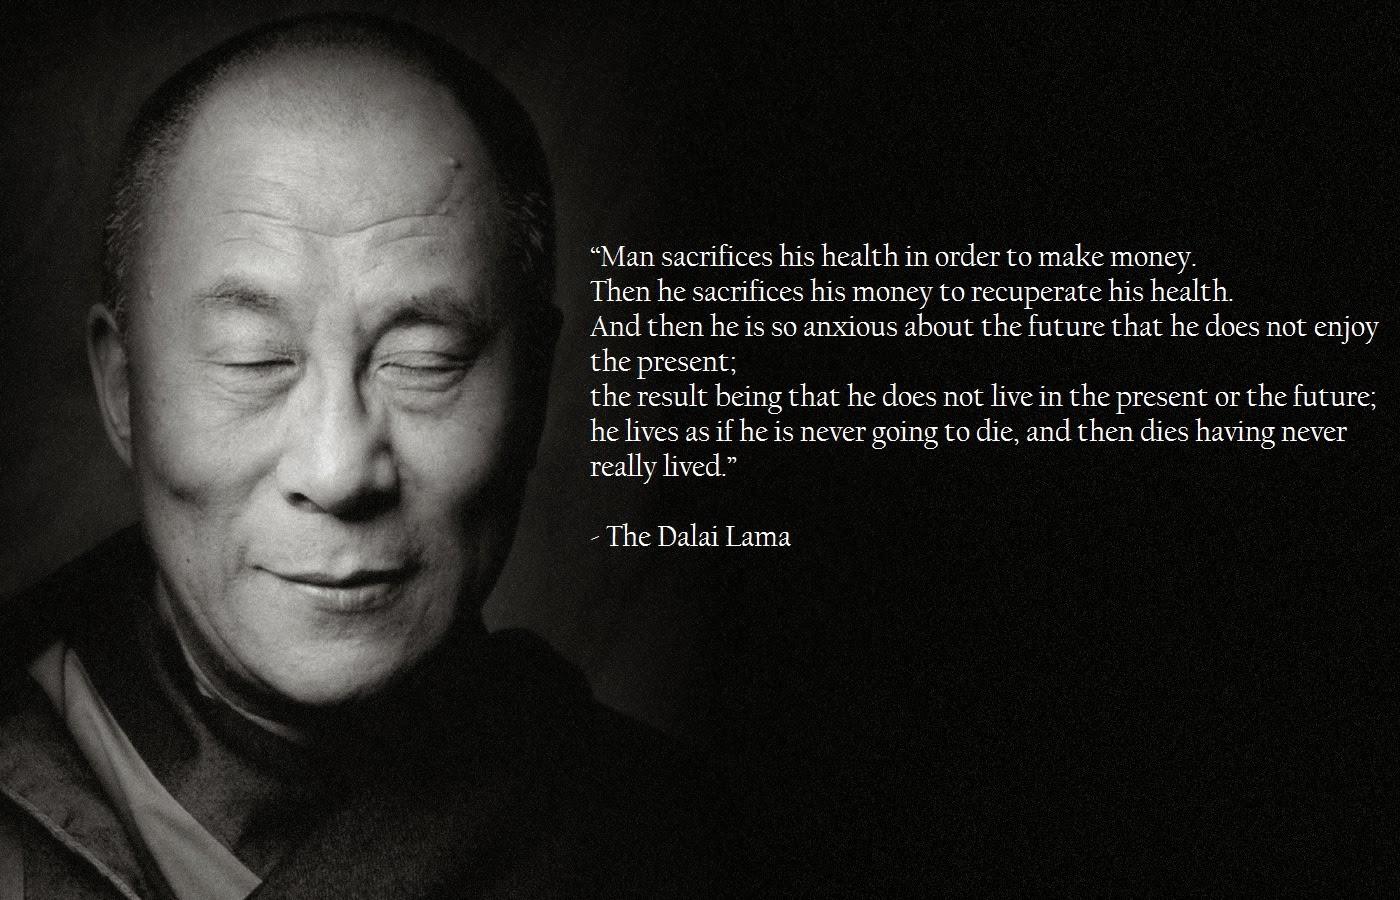 The life of the dali lama essay